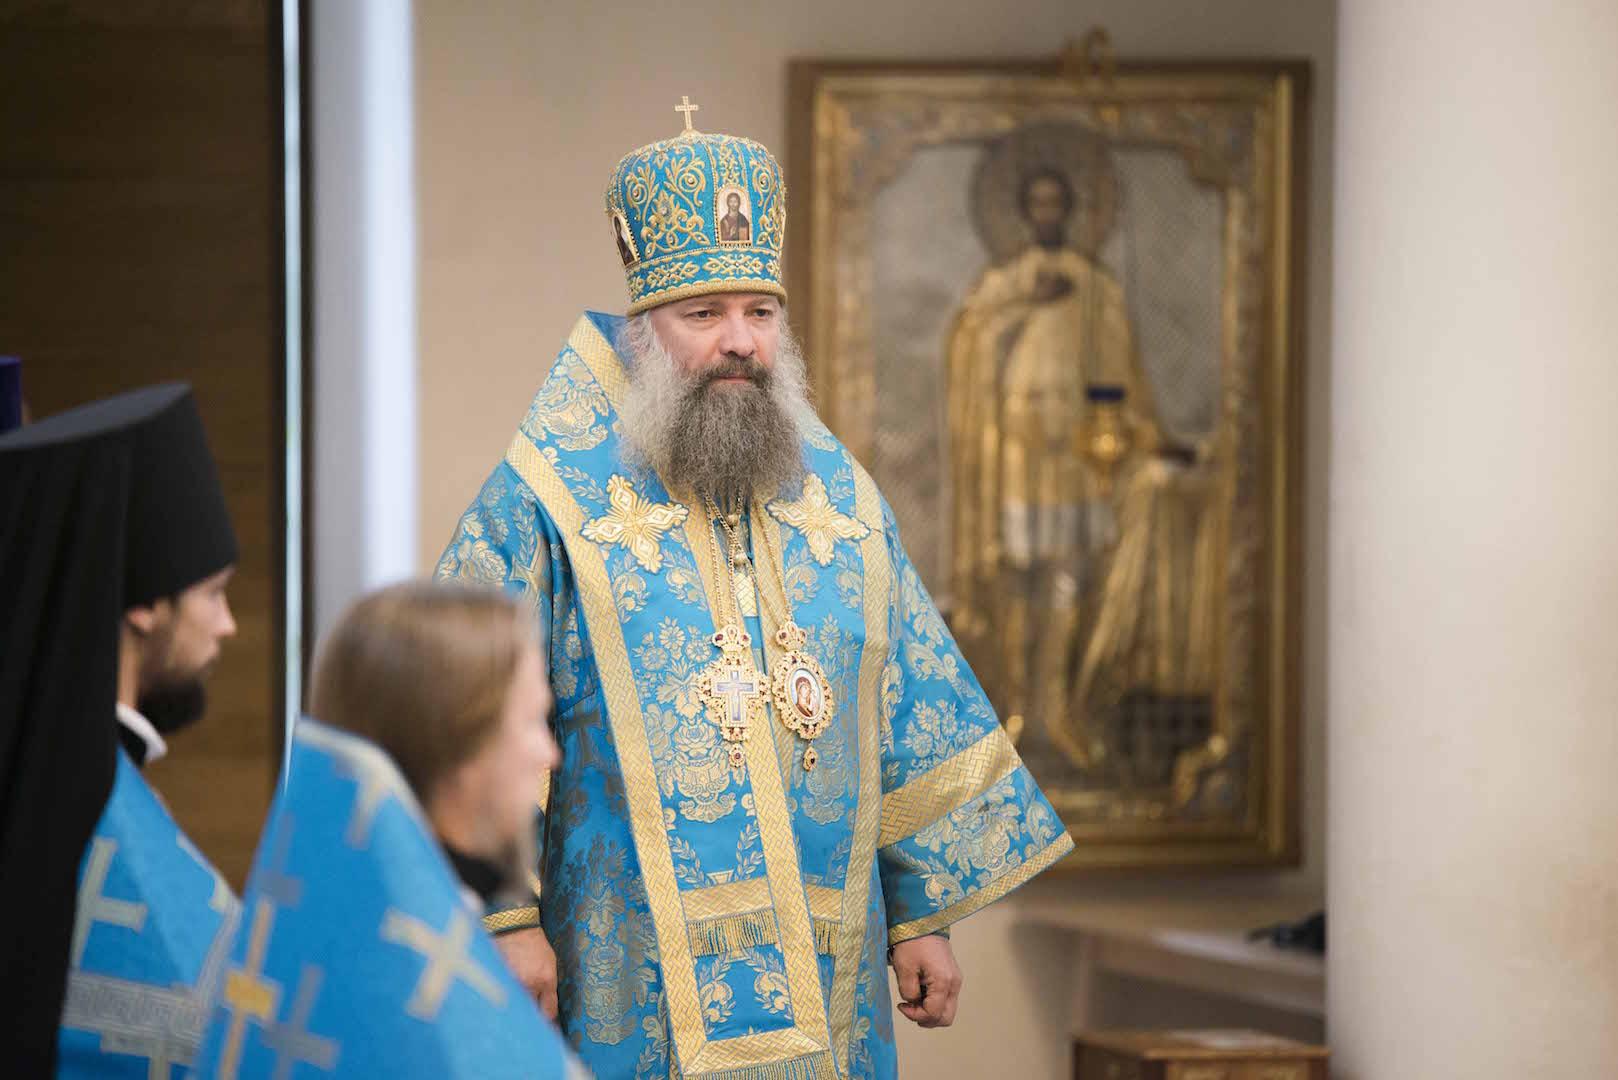 Le jour de la fête de la Nativité de la Vierge Mgr Pitirime, évêque de Douchanbé, a célébré la Divine Liturgie en la cathédrale de la Sainte Trinité